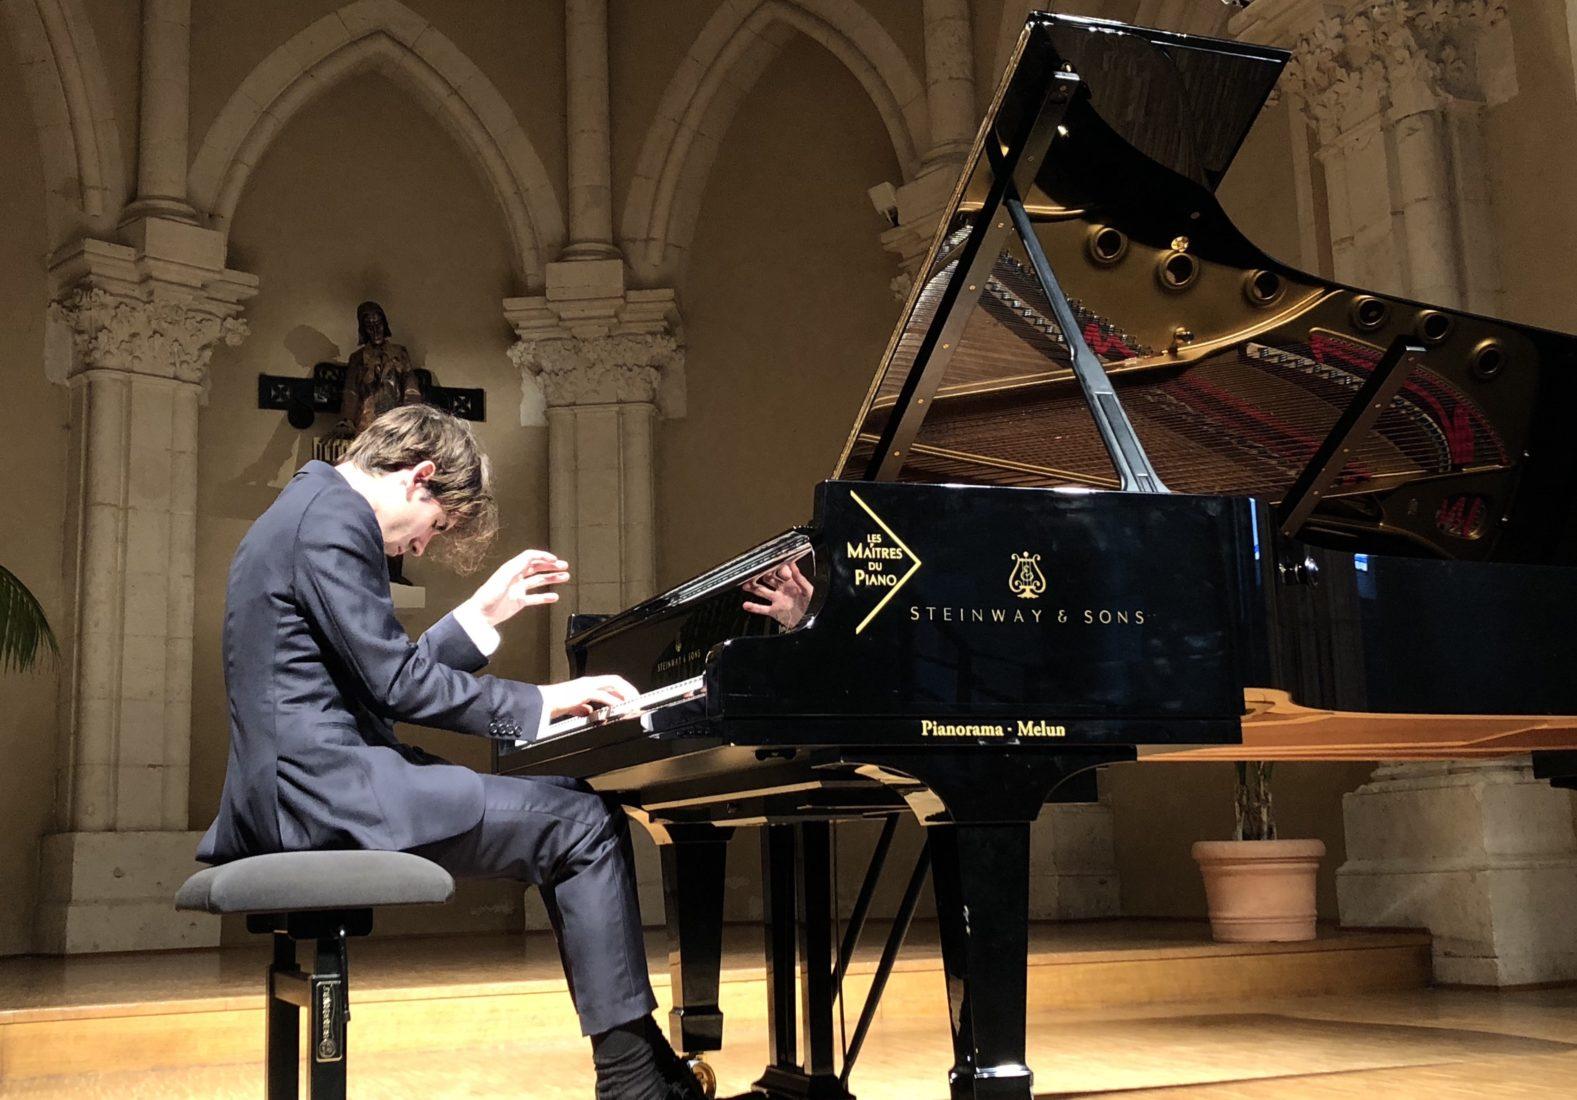 Lisztomanias de Châteauroux 2019 concert impromptu